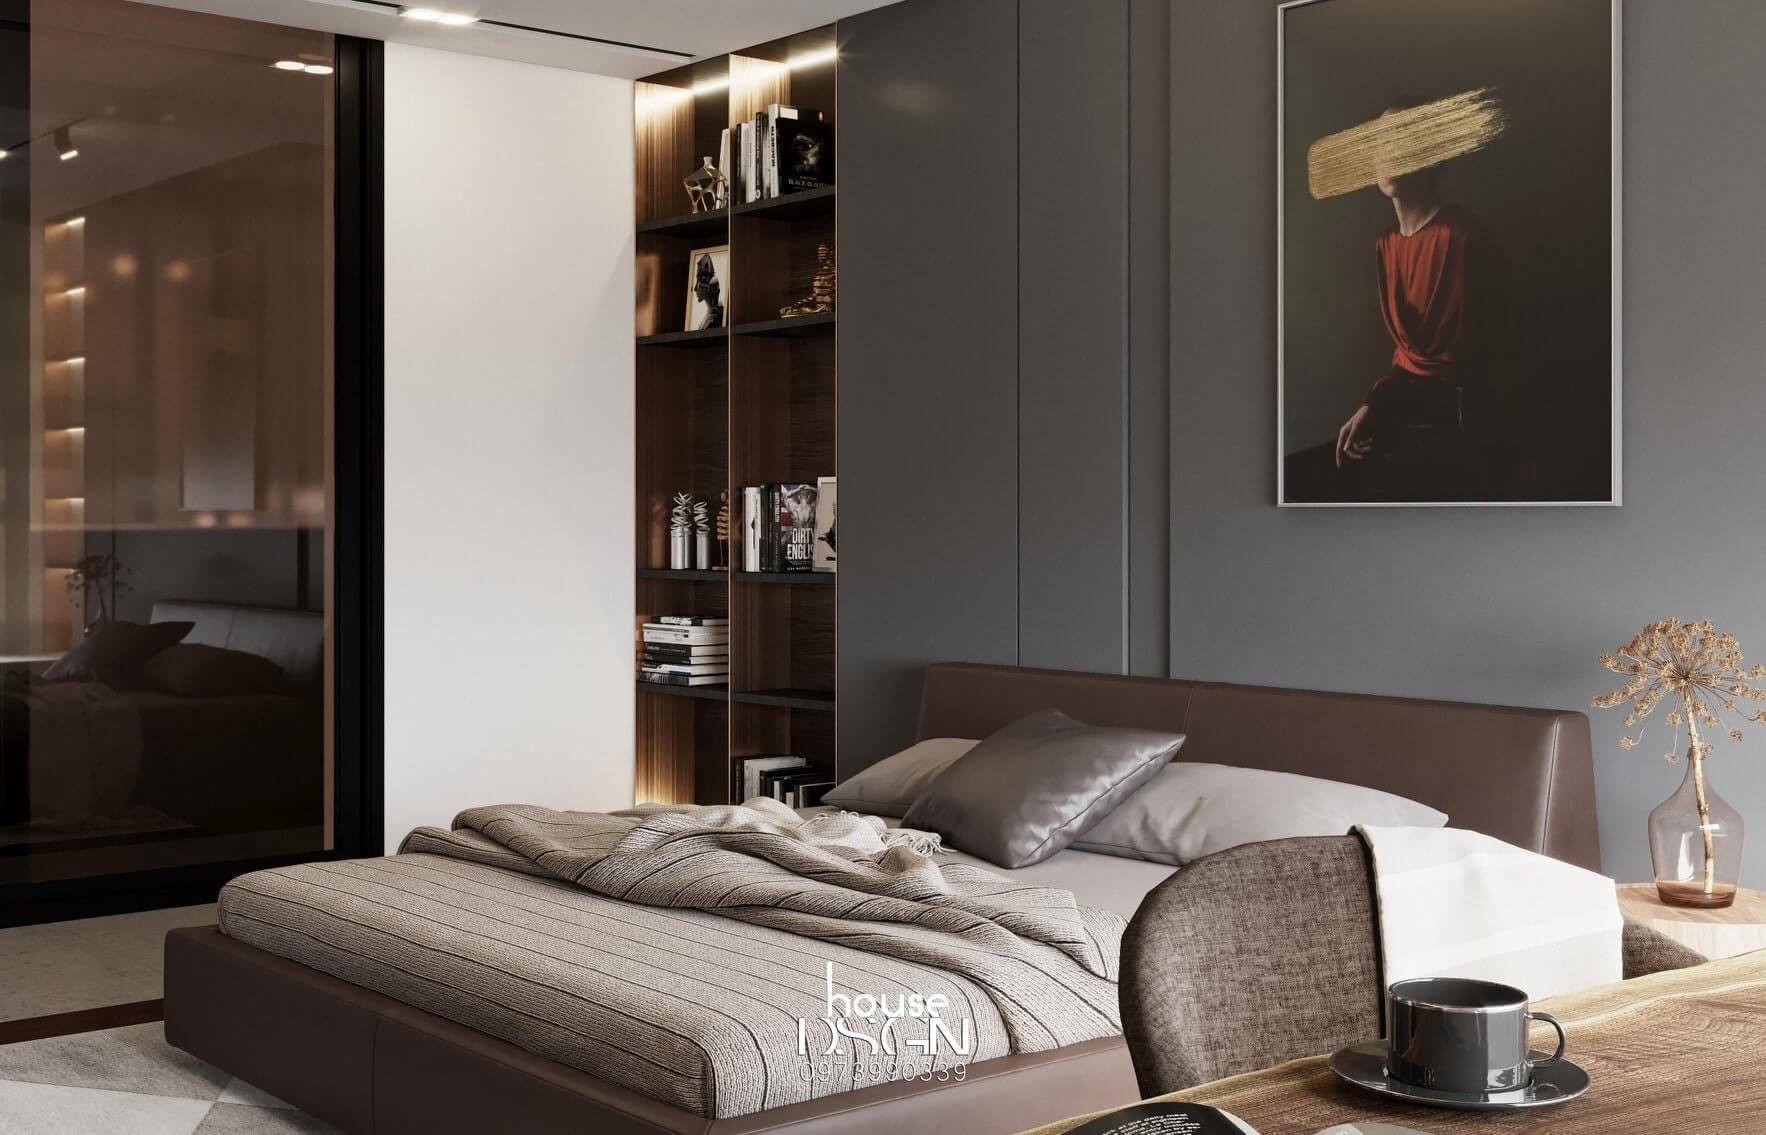 báo giá nội thất chung cư 90m2 chi tiết